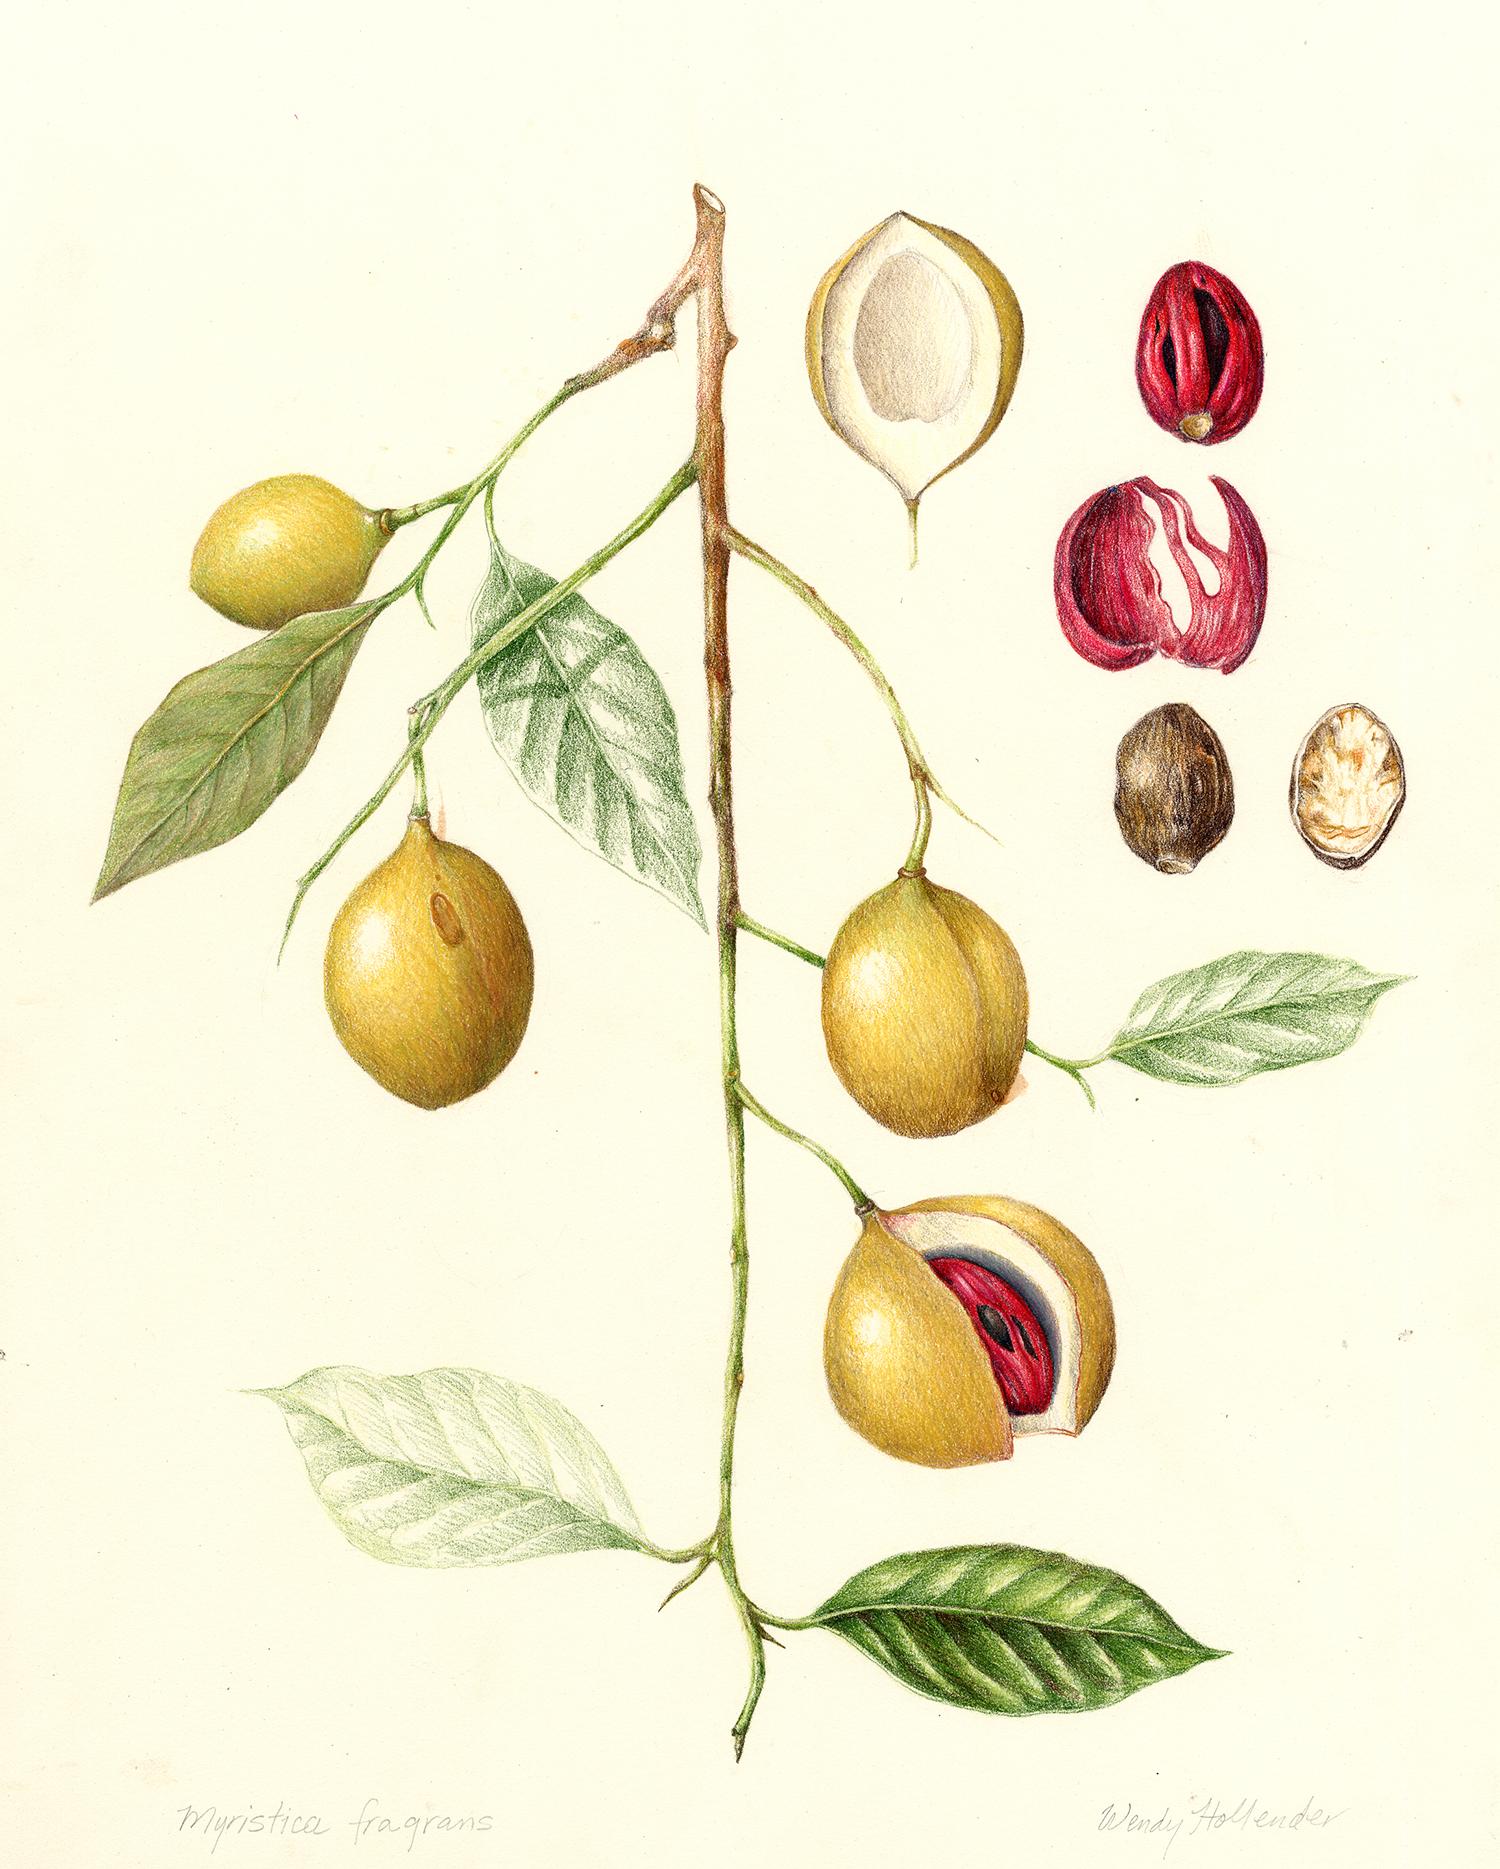 Nutmeg - Myristica